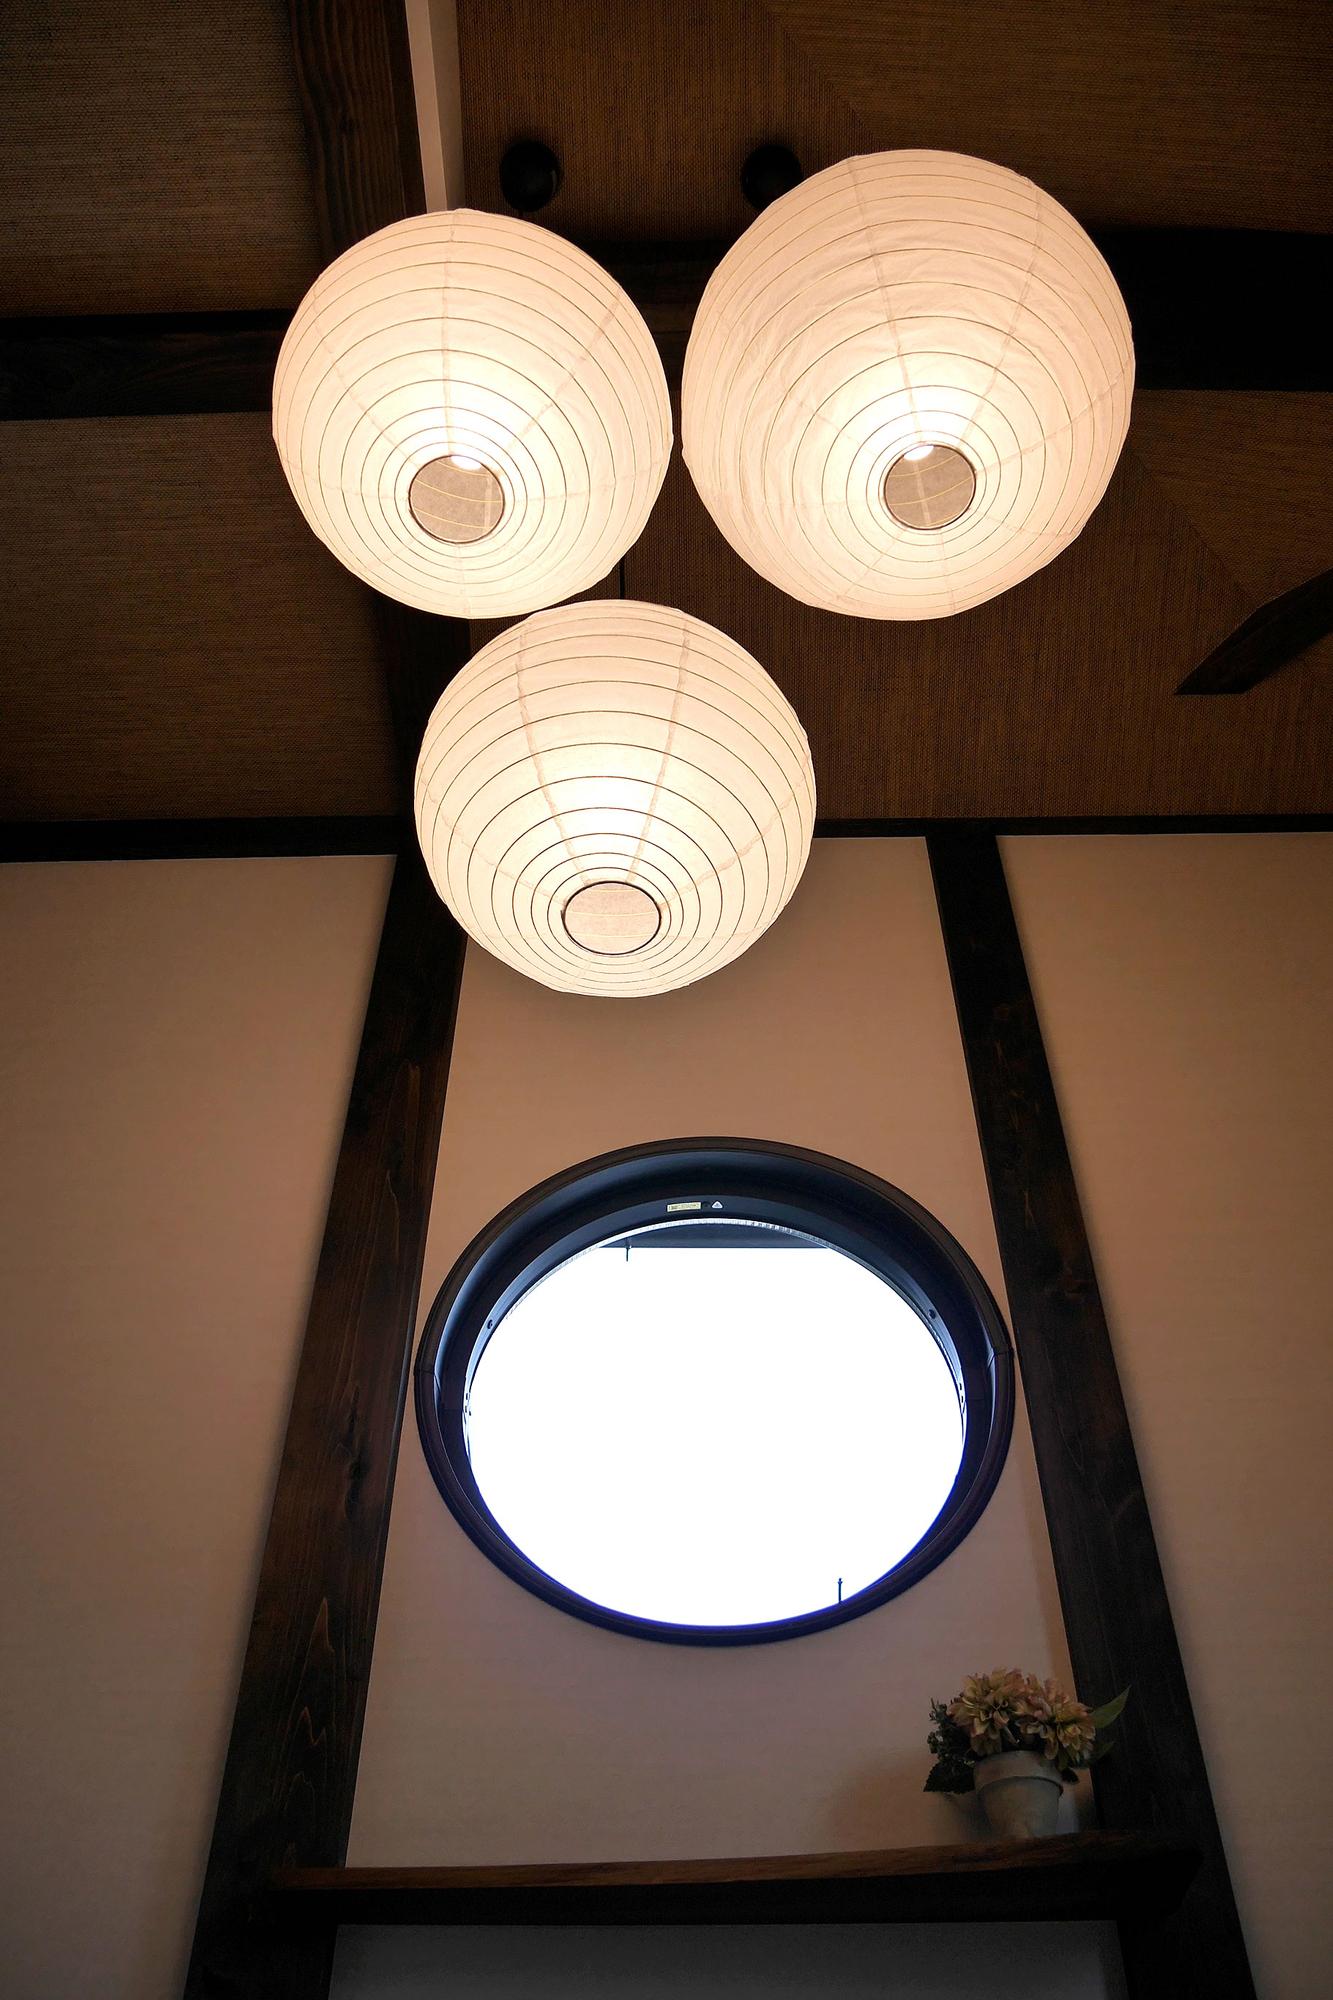 京都・源光庵の「悟りの窓」のような丸窓。